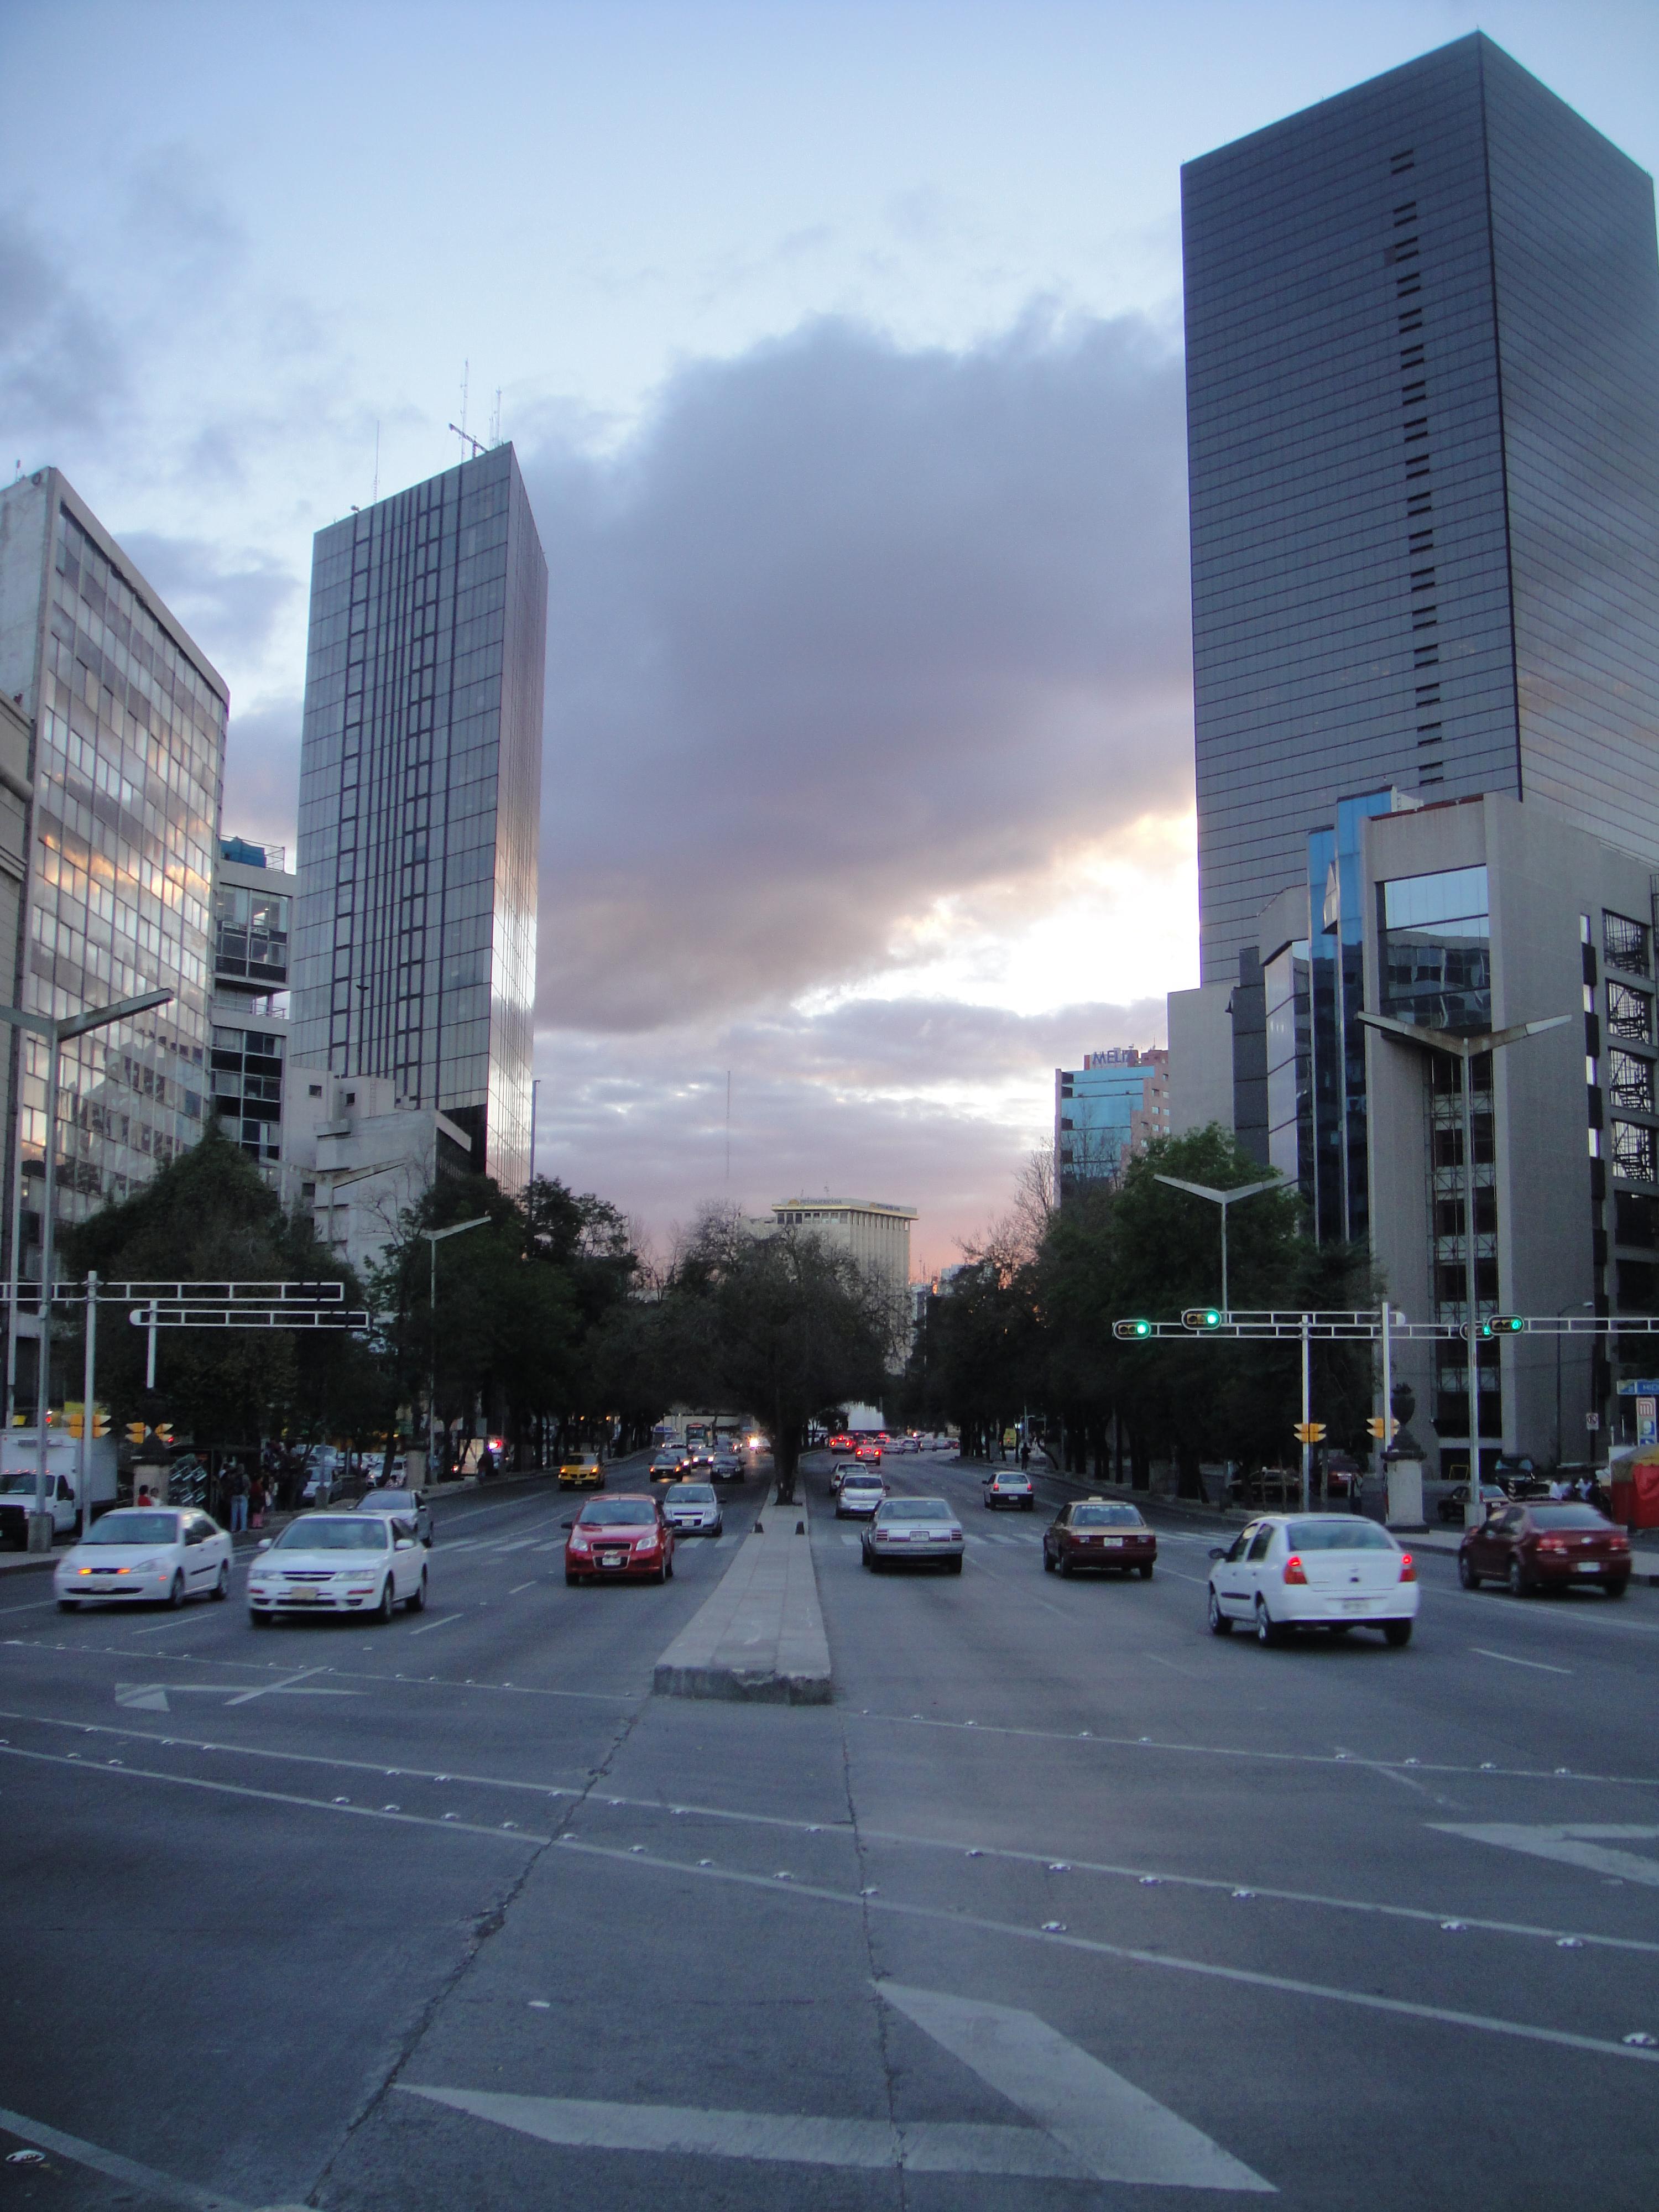 paseo-de-la-reforma-mexico-city.jpg